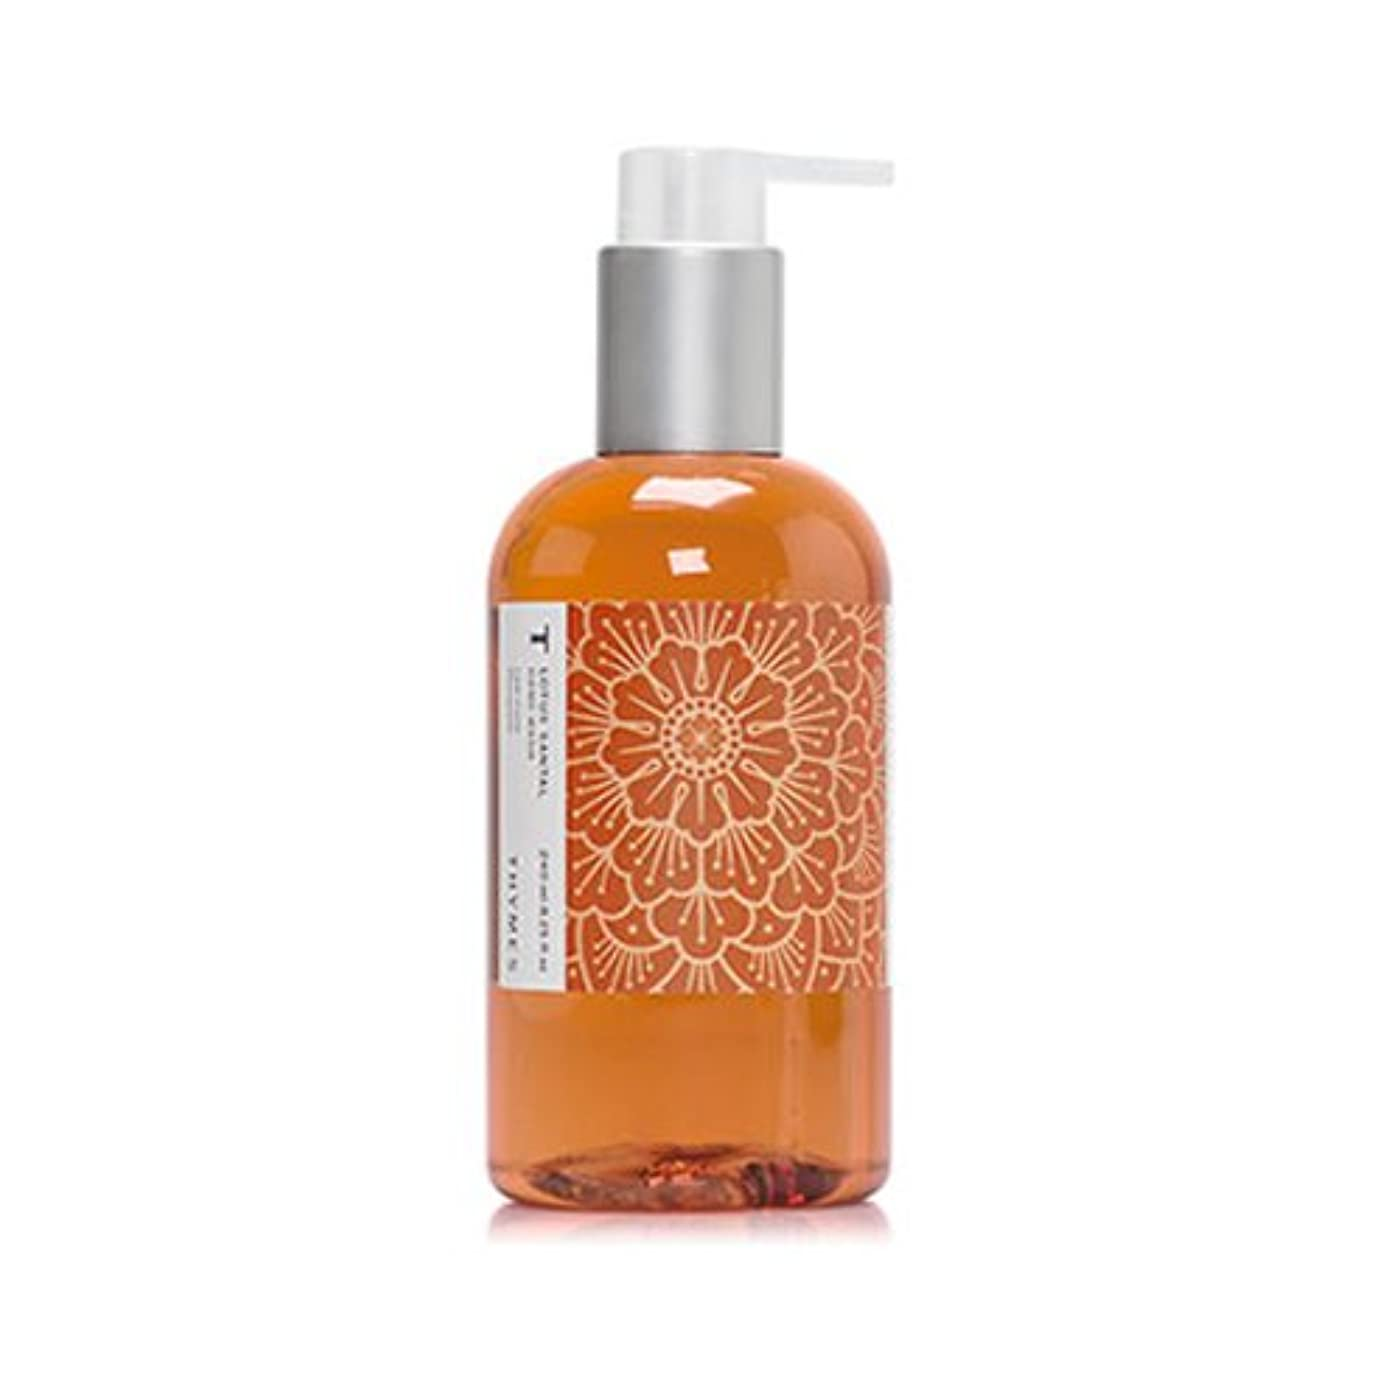 原子リストダウンタウンTHYMES タイムズ ハンドウォッシュ 240ml ロータスサンタル Hand Wash 8.25 fl oz Lotus Santal [並行輸入品]